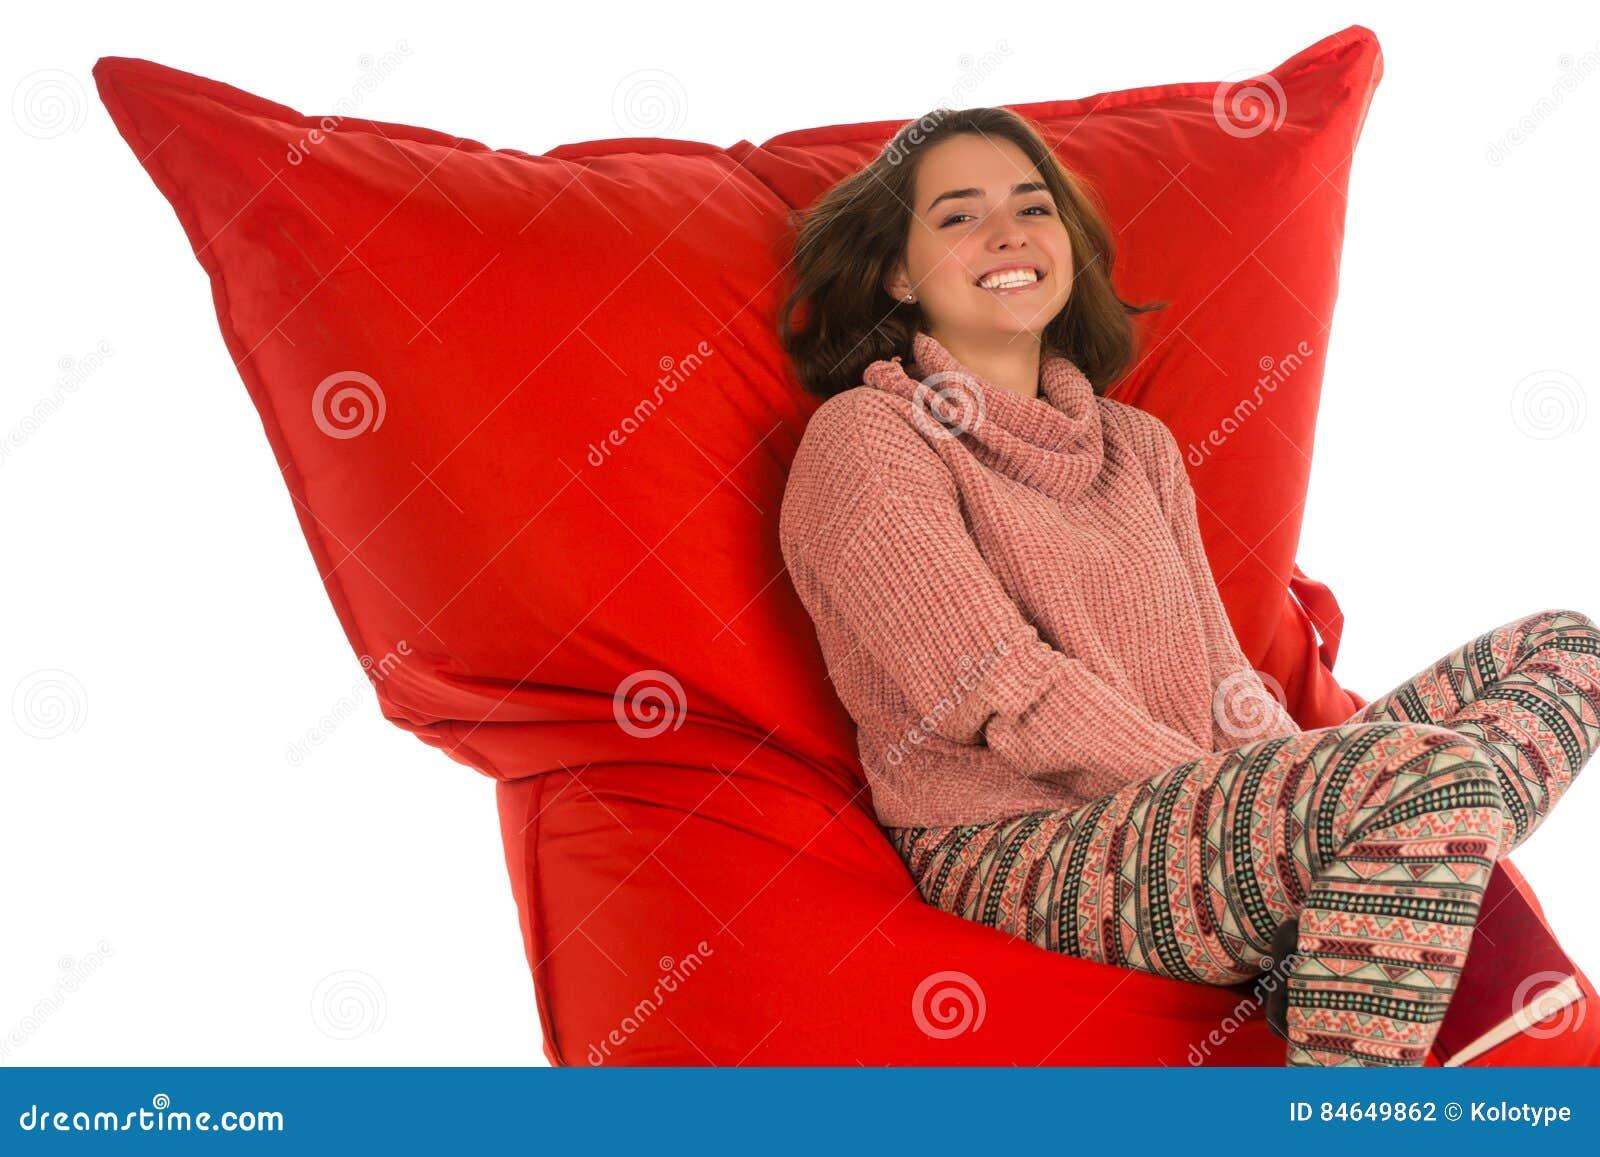 微笑的少妇坐居住的红色装豆子小布袋沙发椅子